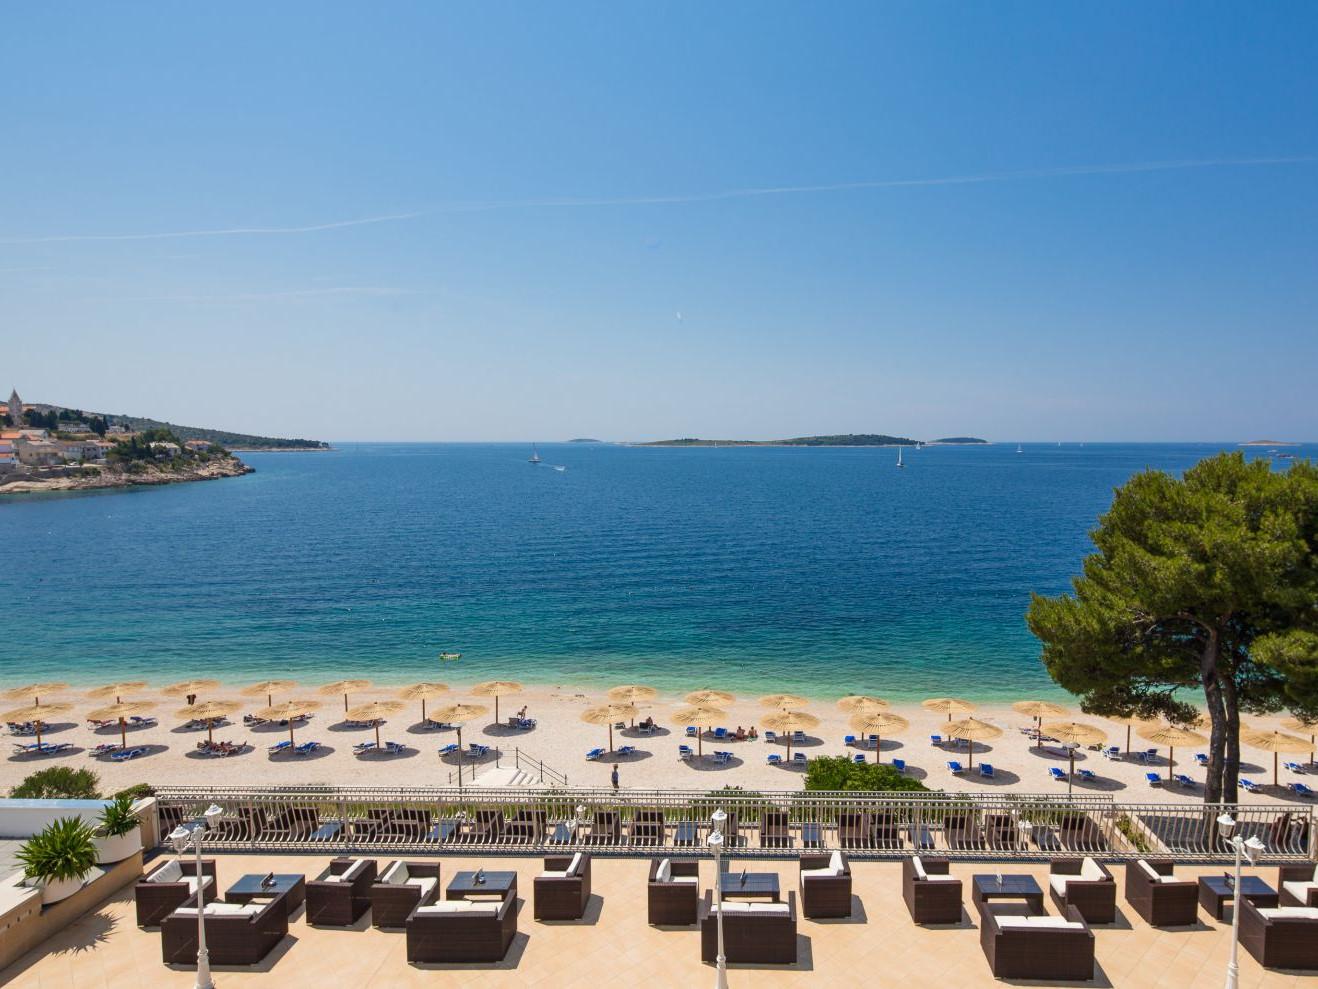 beach 02 14638674547 o 1 uai - Zora Hotel